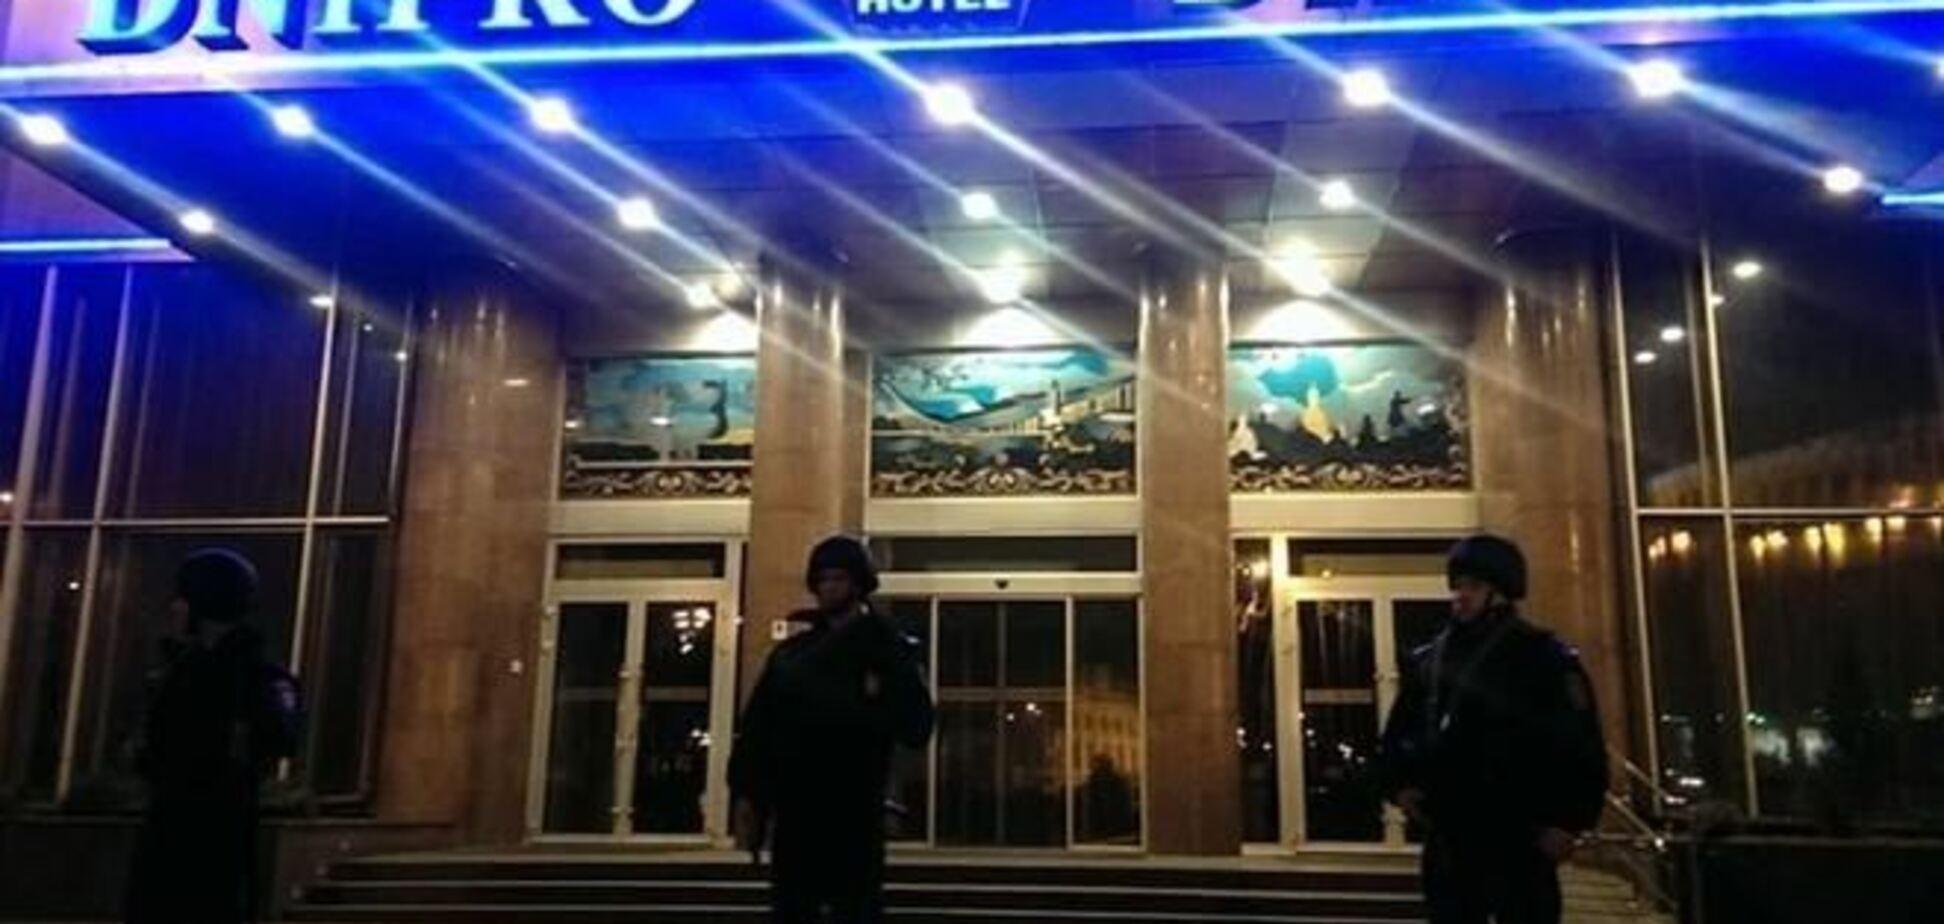 Утром 'Правый сектор' должен покинуть отель 'Днепр' без оружия - Аваков